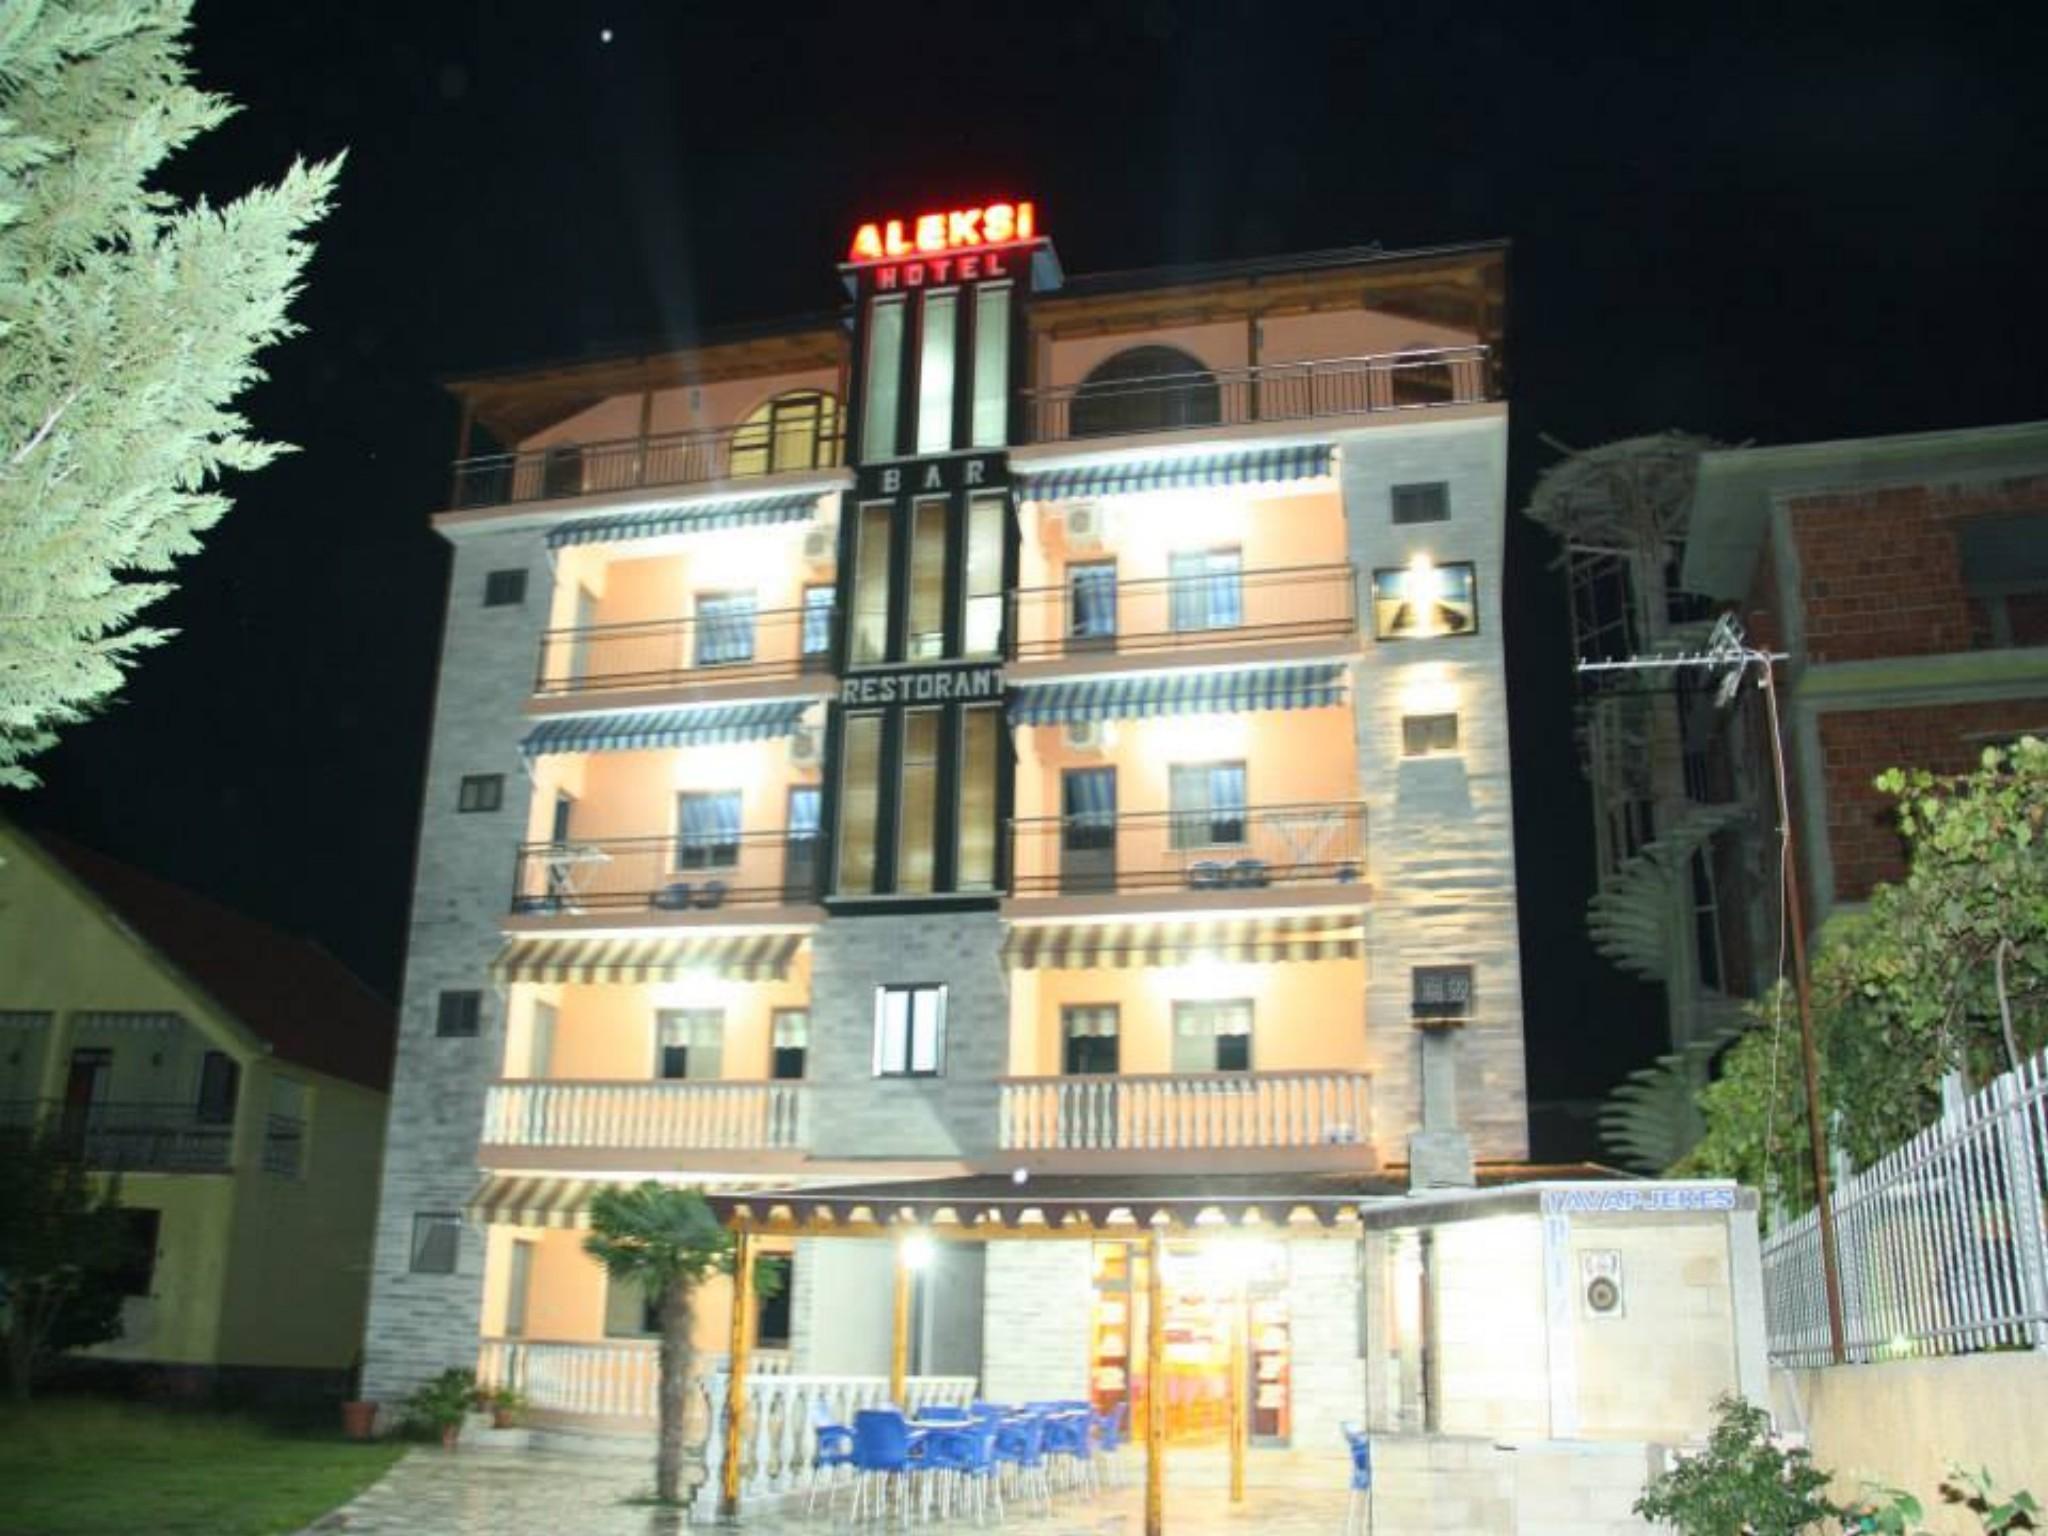 velipoje hotels reservation rh accomreservation com